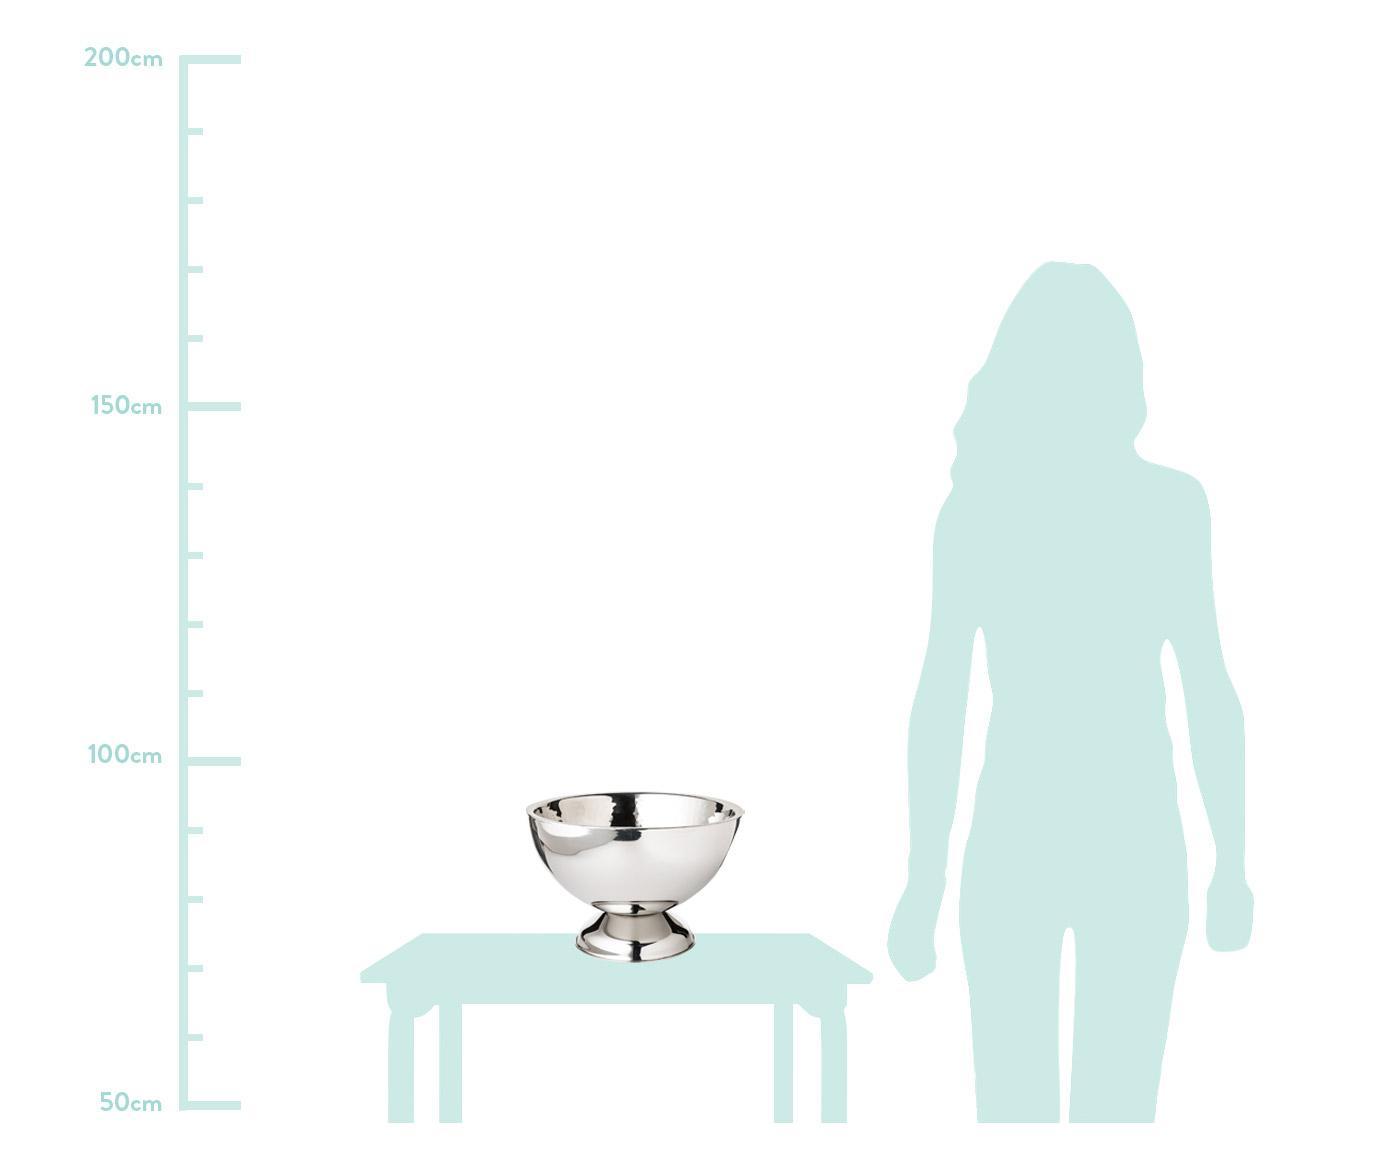 Flaschenkühler Cadiz, Edelstahl Innen gehämmert, aussen glatt, Edelstahl, Ø 32 x H 21 cm